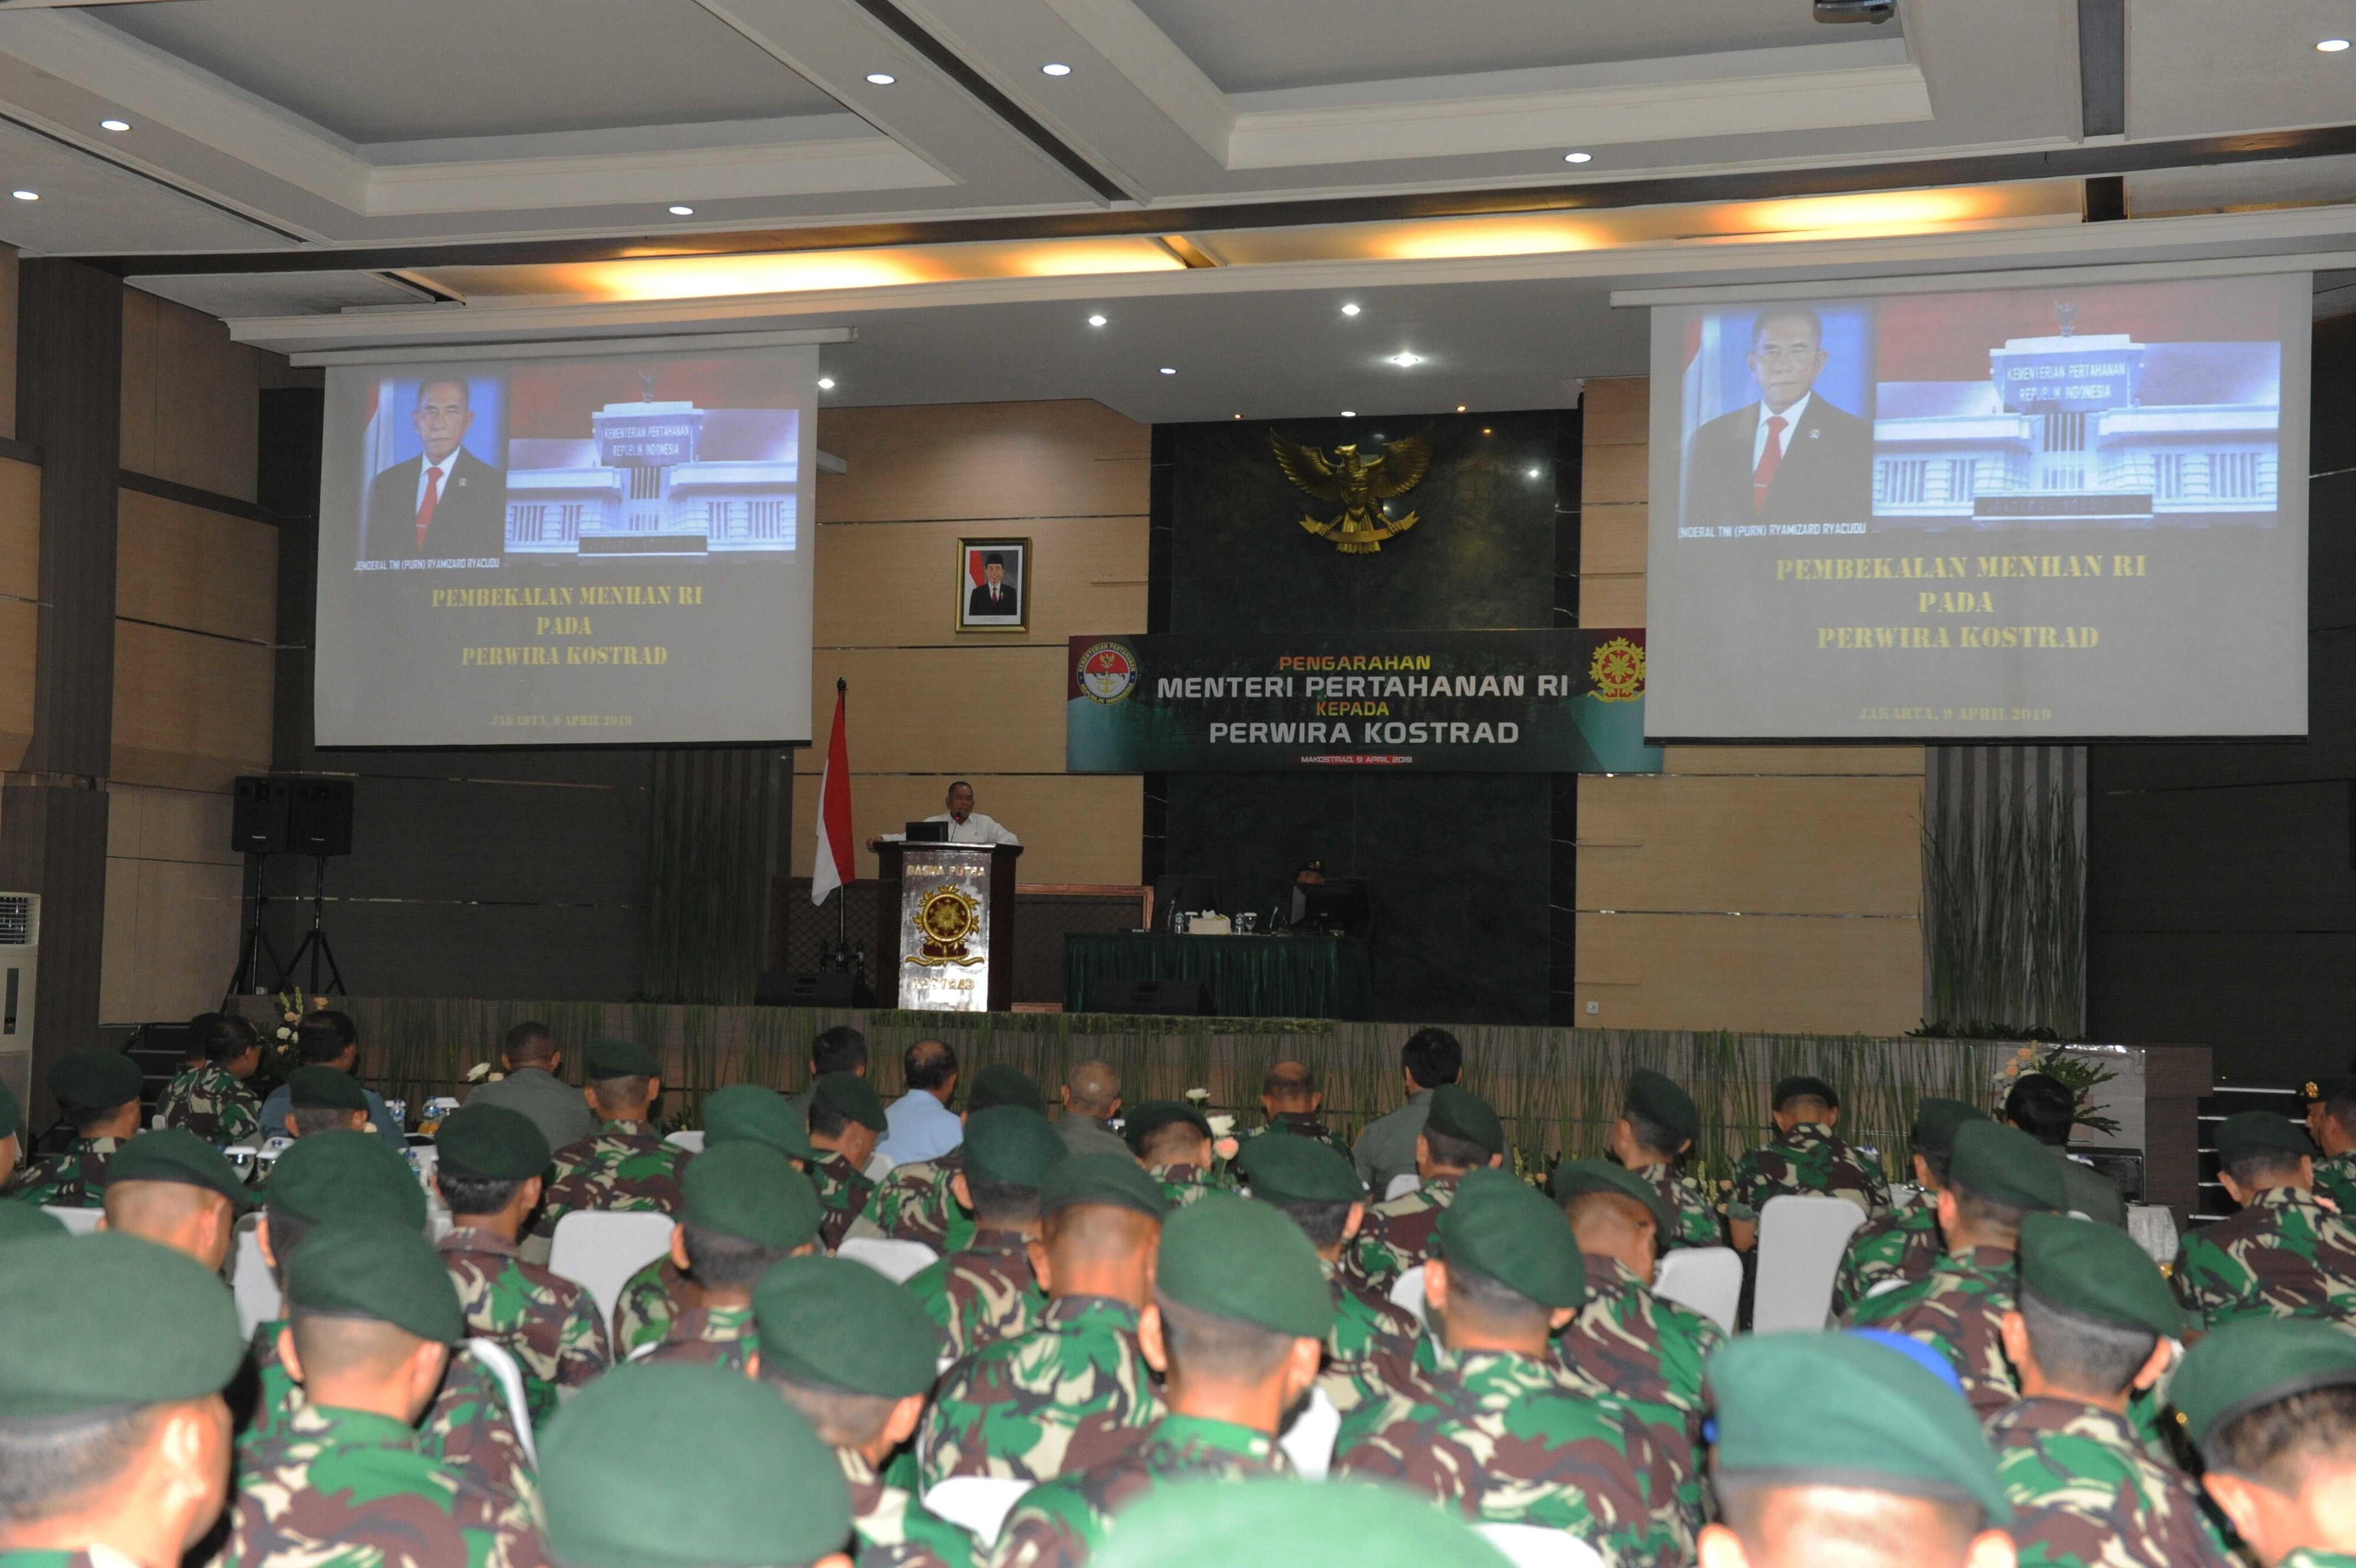 Menhan Ingatkan Kostrad Waspadai Stabilitas Keamanan Nasional Jelang Pemilu